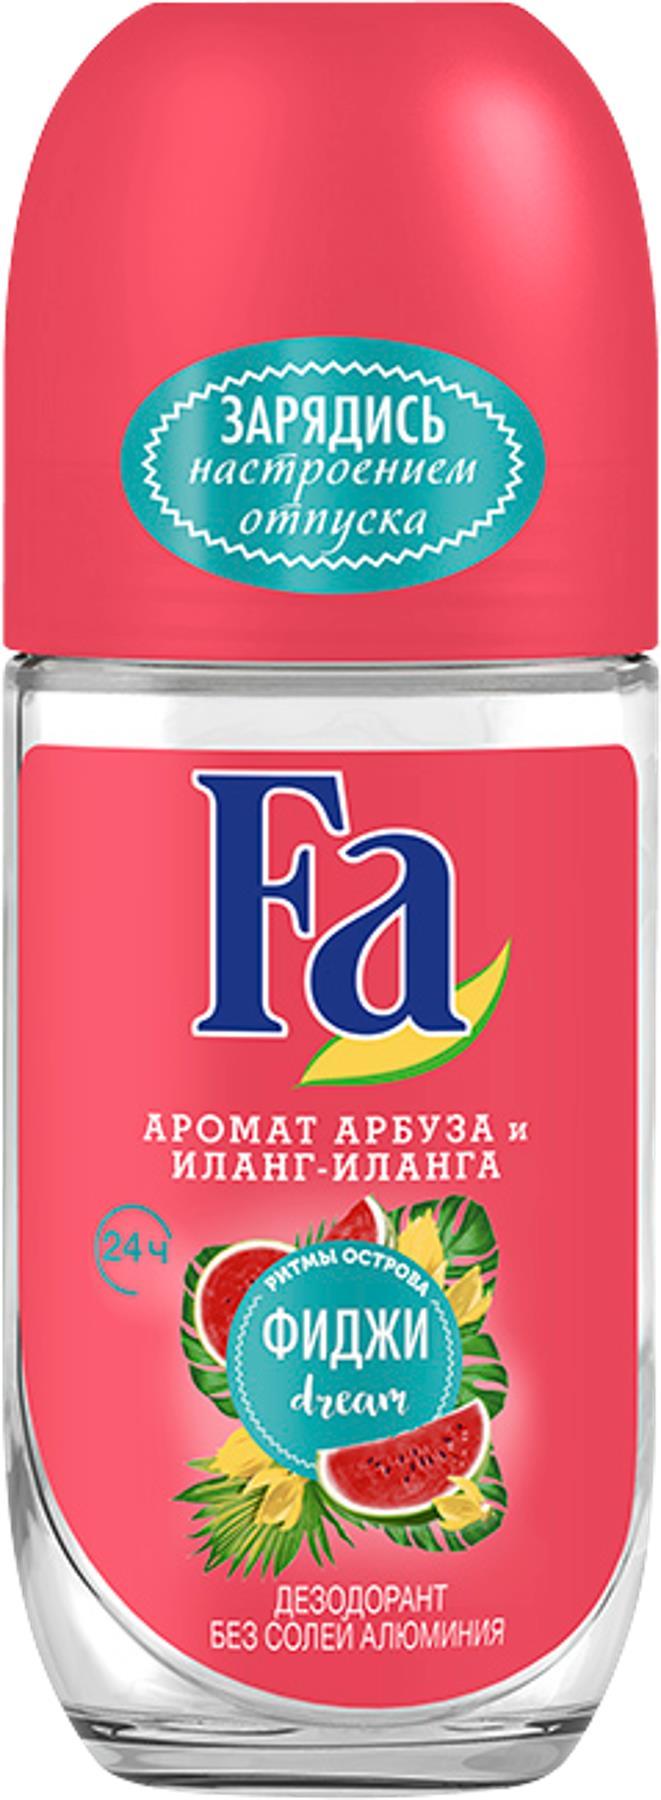 FA Дезодорант роликовый Ритмы Острова Фиджи Dream, 50 мл